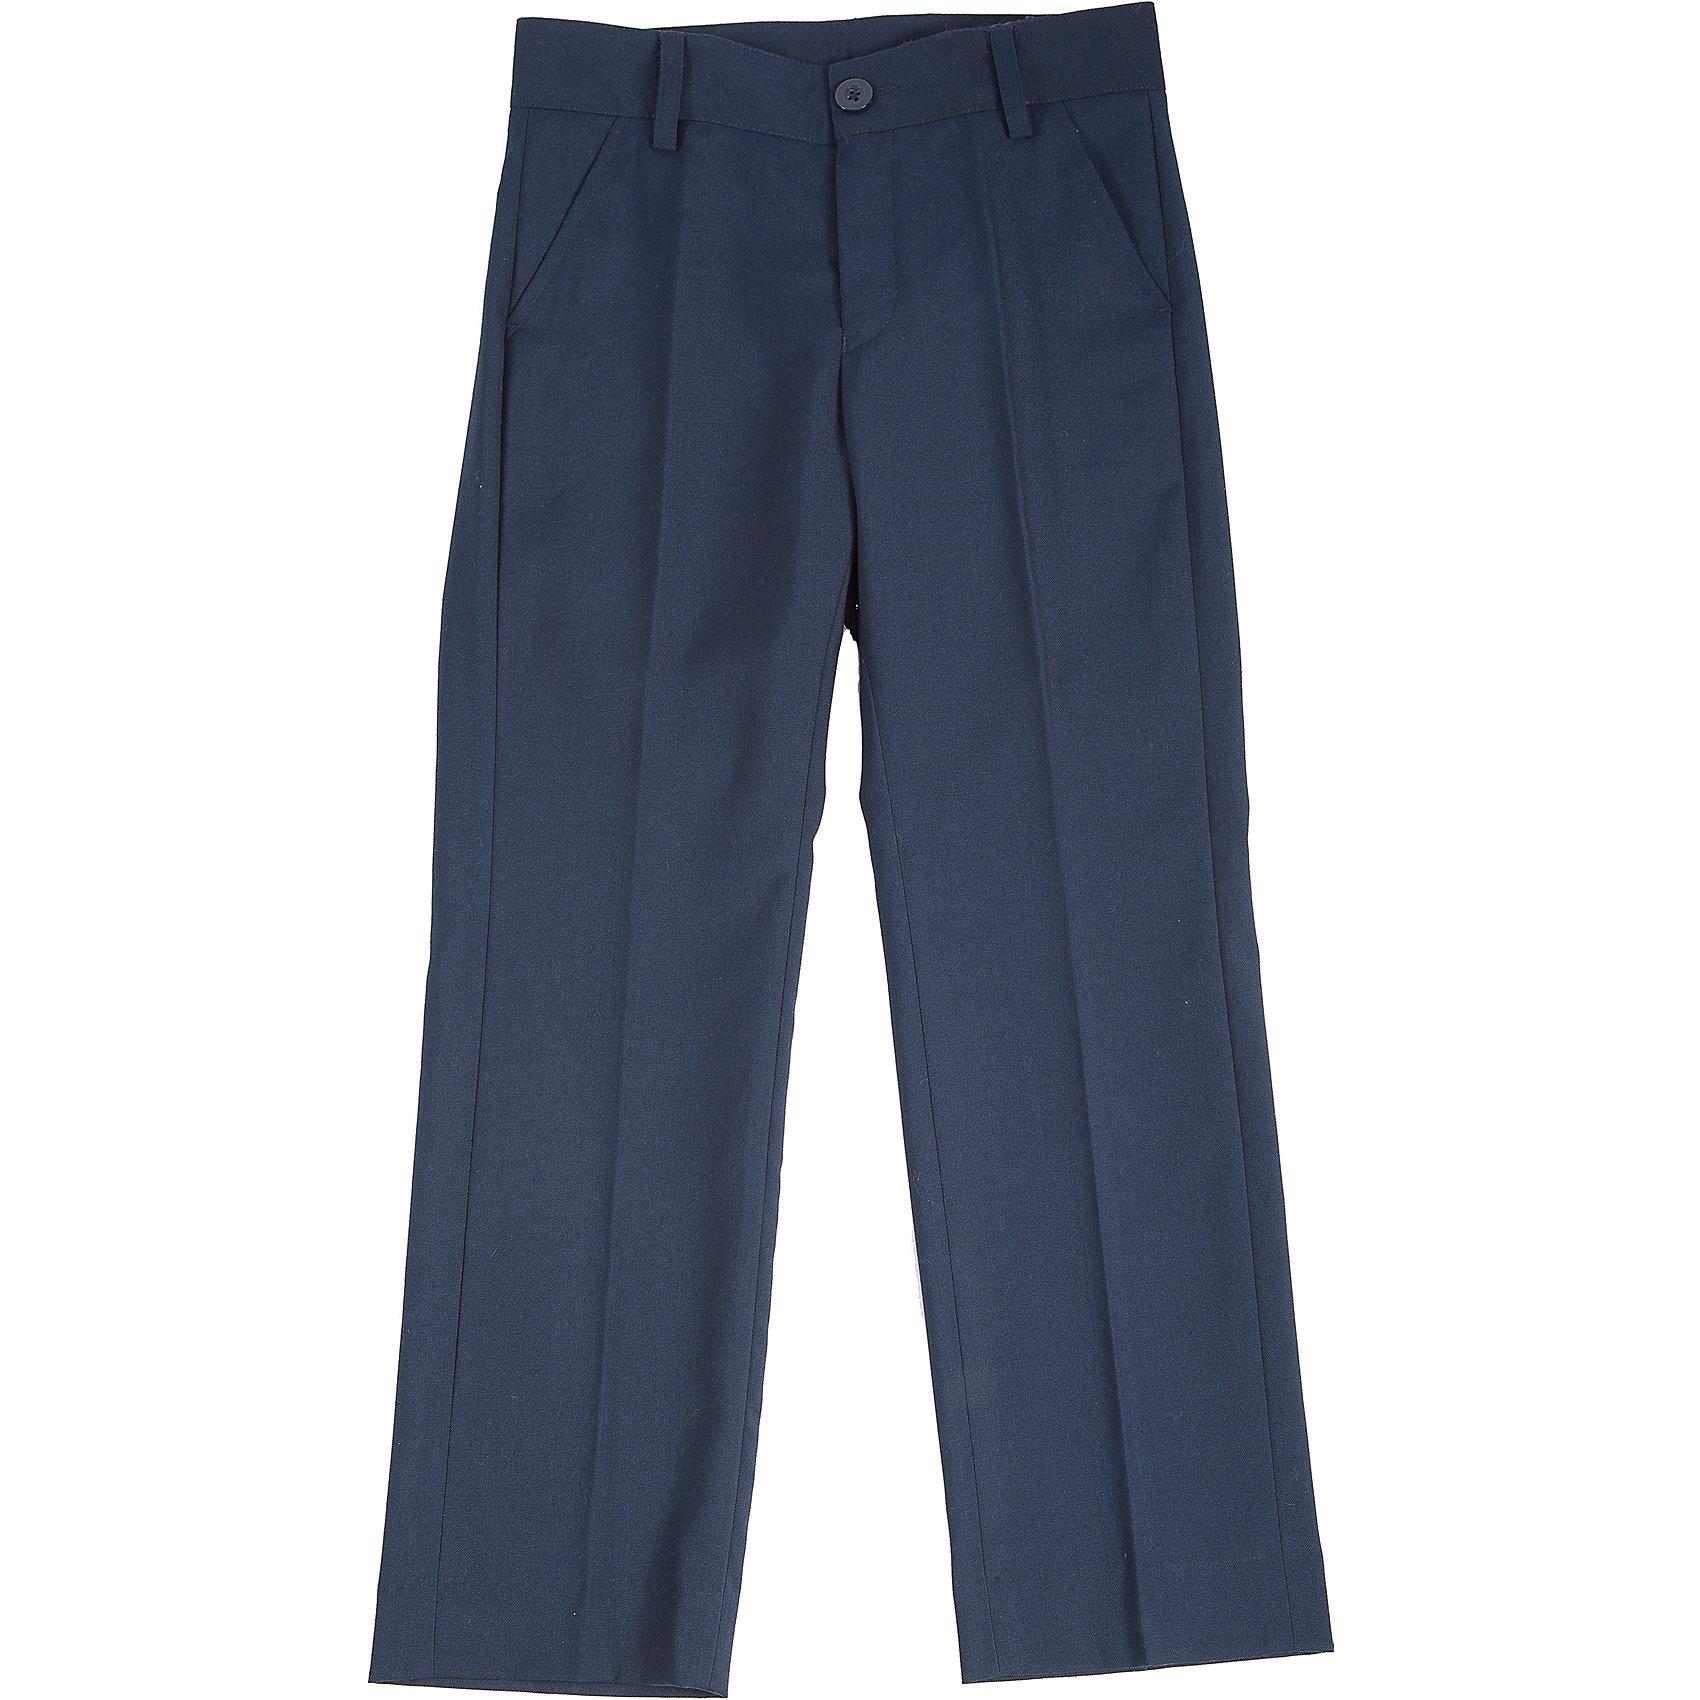 Брюки для мальчика Button BlueБрюки<br>Брюки для мальчика от известного бренда Button Blue<br>Классические темные брюки - оптимальное решение для каждого школьного дня! Брюки имеют модную посадку на фигуре, прекрасно сидят и хорошо держат форму. Внутренняя часть пояса имеет удобную регулировку объема.<br>Состав:<br>тк. верха:                  80% полиэстер, 20% вискоза  подкл.:  100%полиэстер<br><br>Ширина мм: 215<br>Глубина мм: 88<br>Высота мм: 191<br>Вес г: 336<br>Цвет: синий<br>Возраст от месяцев: 132<br>Возраст до месяцев: 144<br>Пол: Мужской<br>Возраст: Детский<br>Размер: 152,158,122,146,128,134,140<br>SKU: 4719130